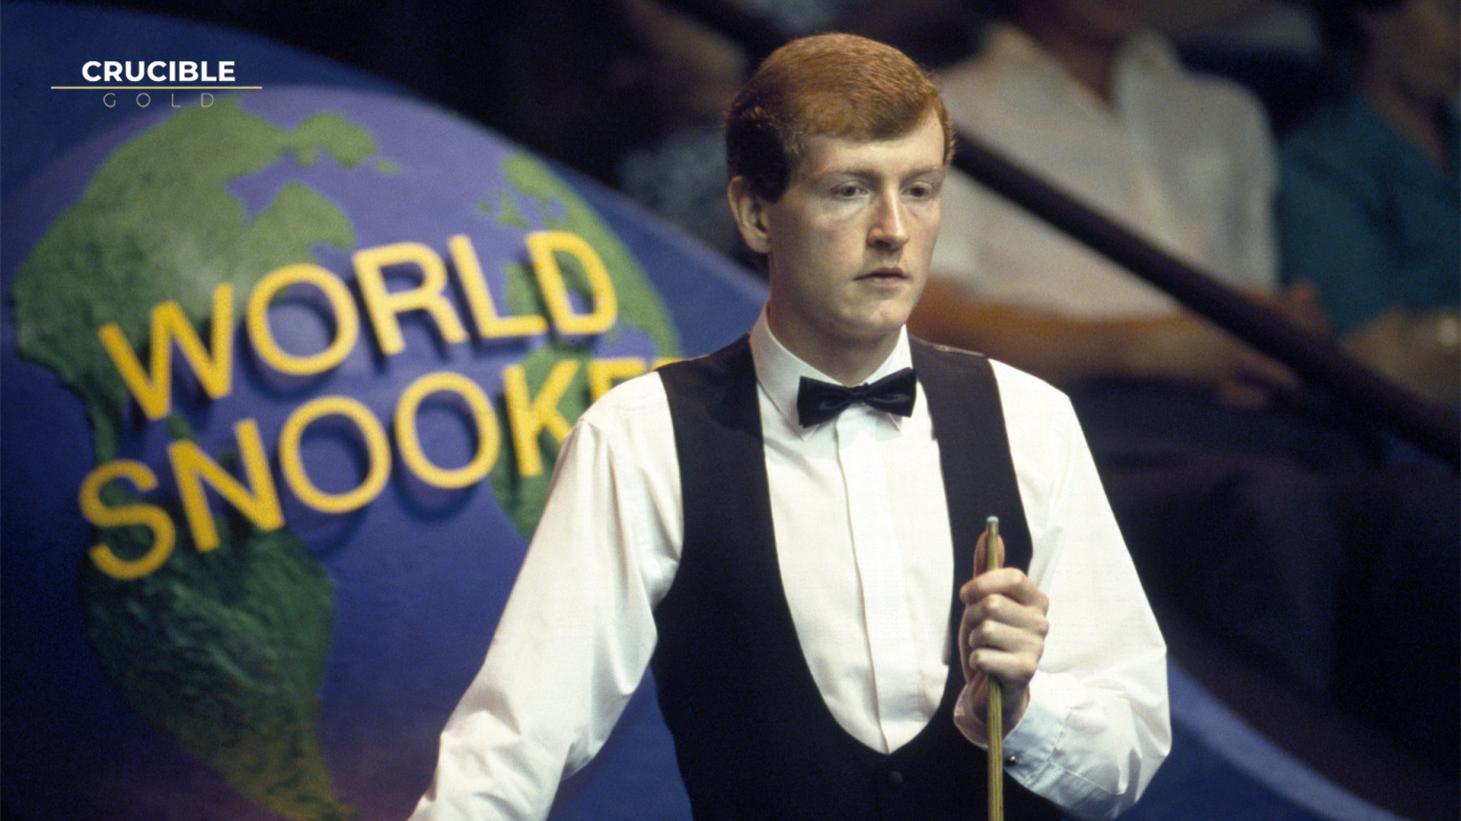 世锦赛黄金时刻 | 戴维斯克制紧张淘汰掉疯狂追分的年轻人亨德利 连续7年跻身世锦赛决赛